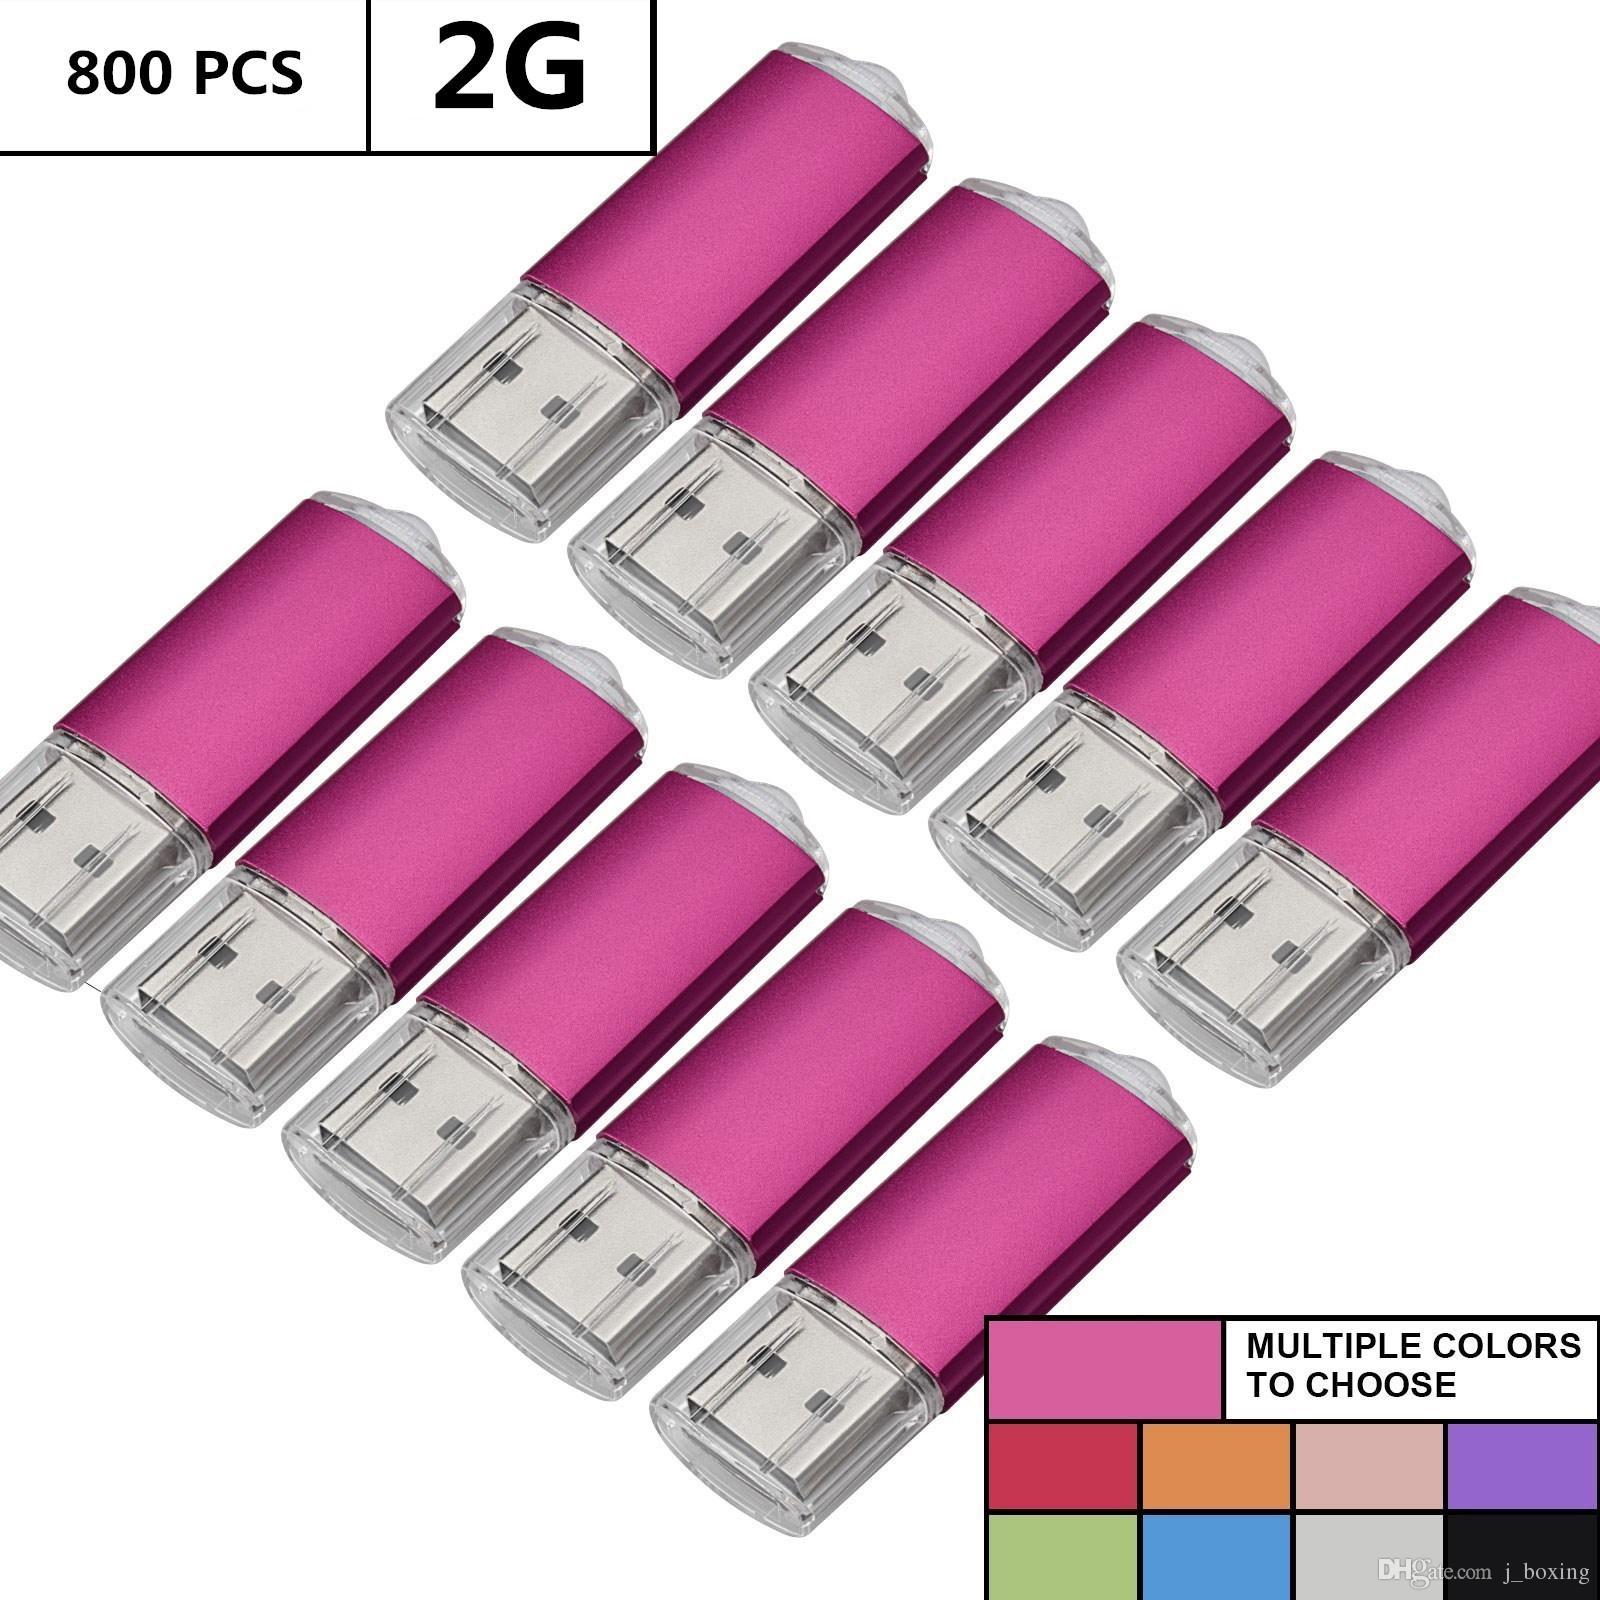 Wholesale Bulk 800PCS 2GB USB Flash Drives Rectangle Memory Stick Storage Thumb Pen Drive Storage LED Indicator for Computer Laptop Tablet